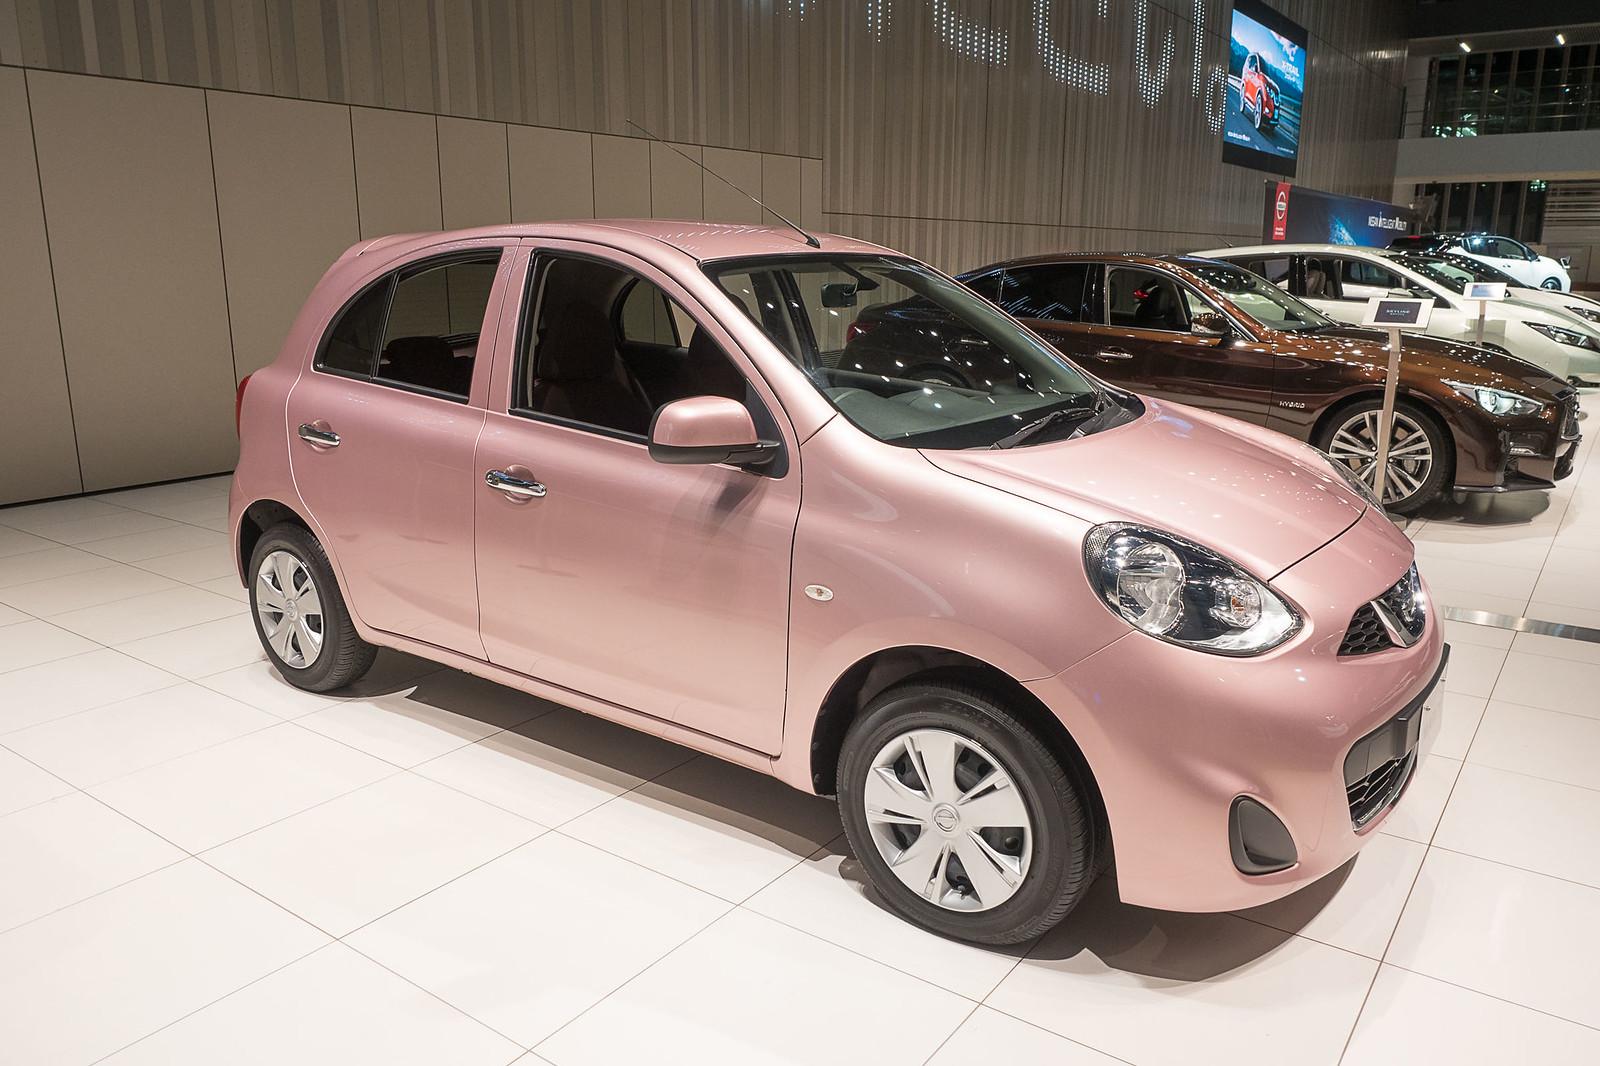 Nissan_nadeshiko_pink-4